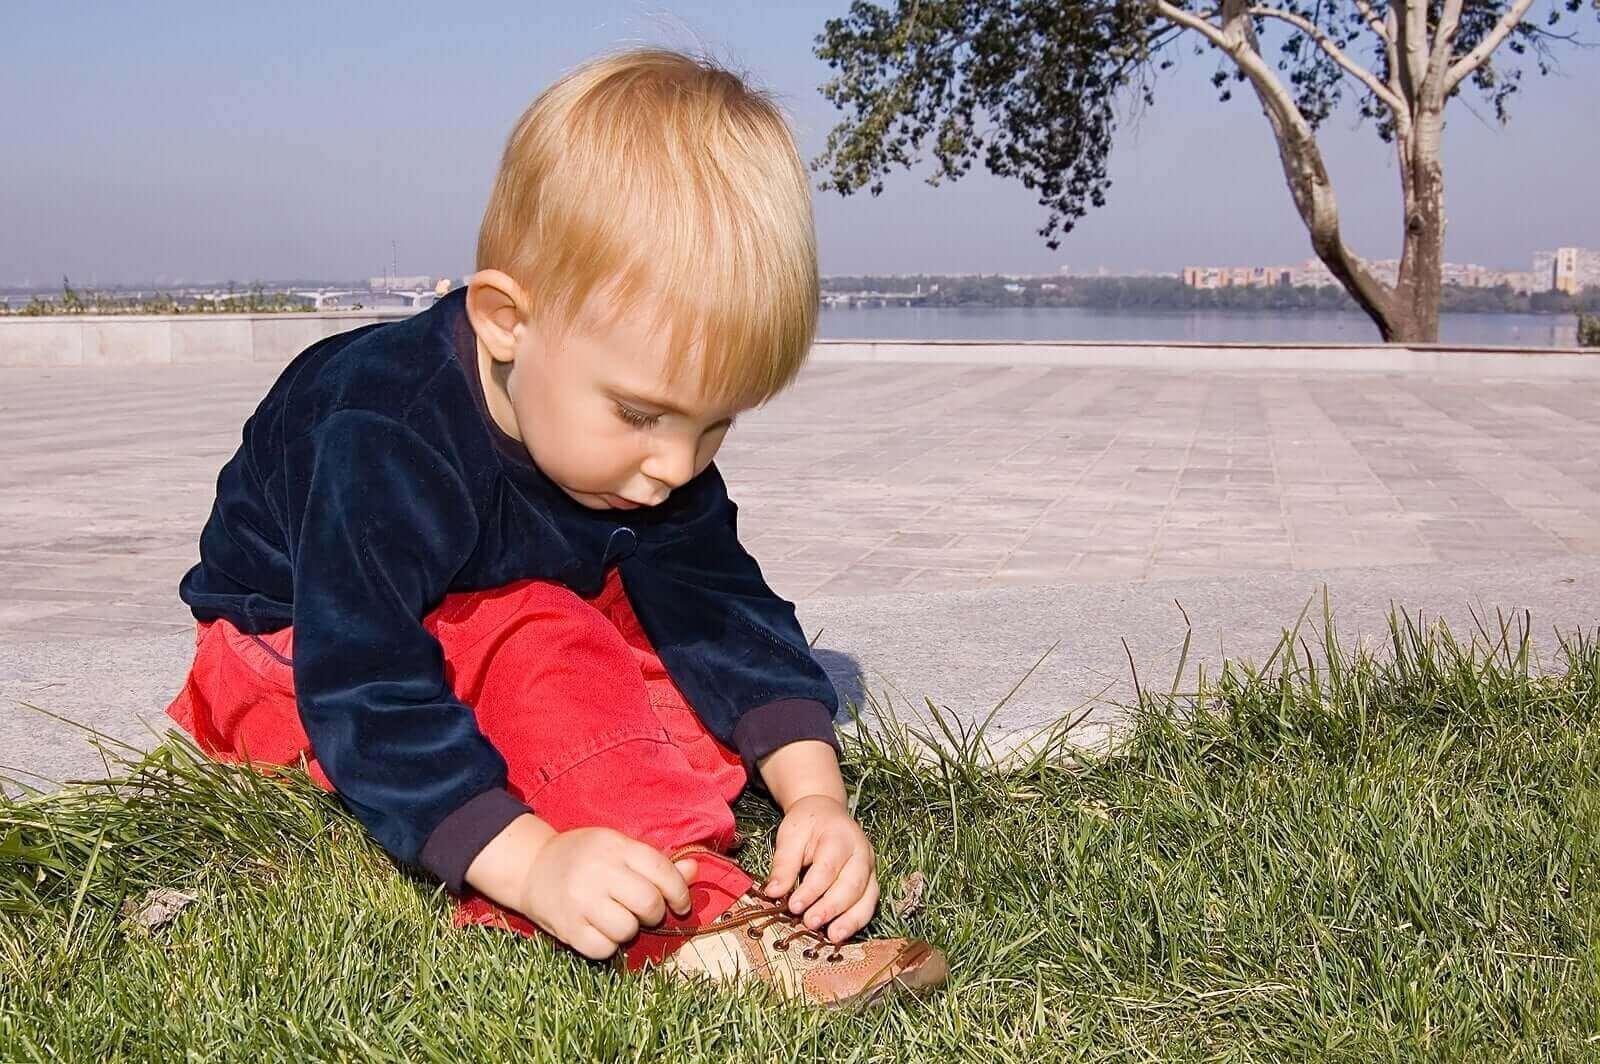 아동기 성격 발달의 단계